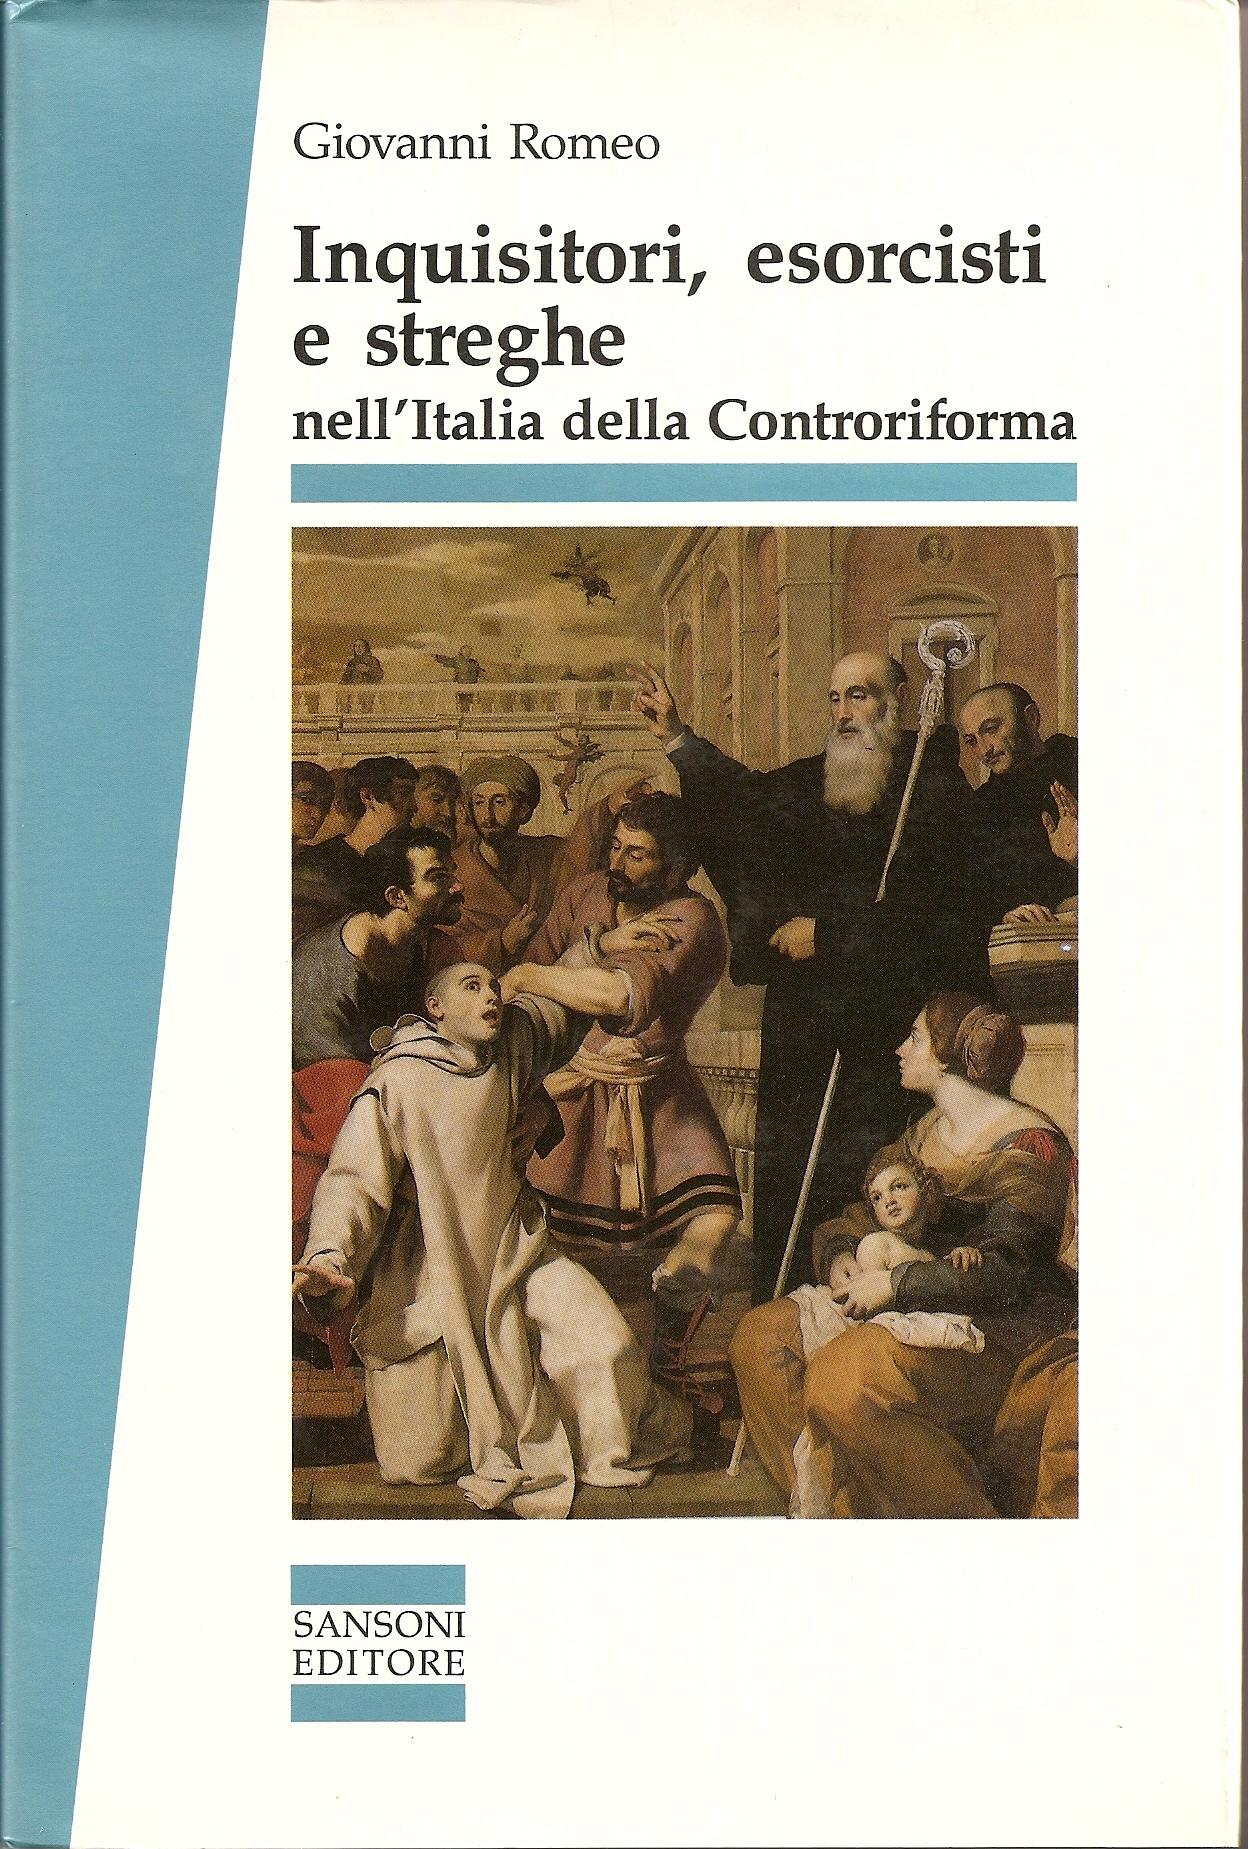 Inquisitori, esorcisti e streghe nell'Italia della Controriforma